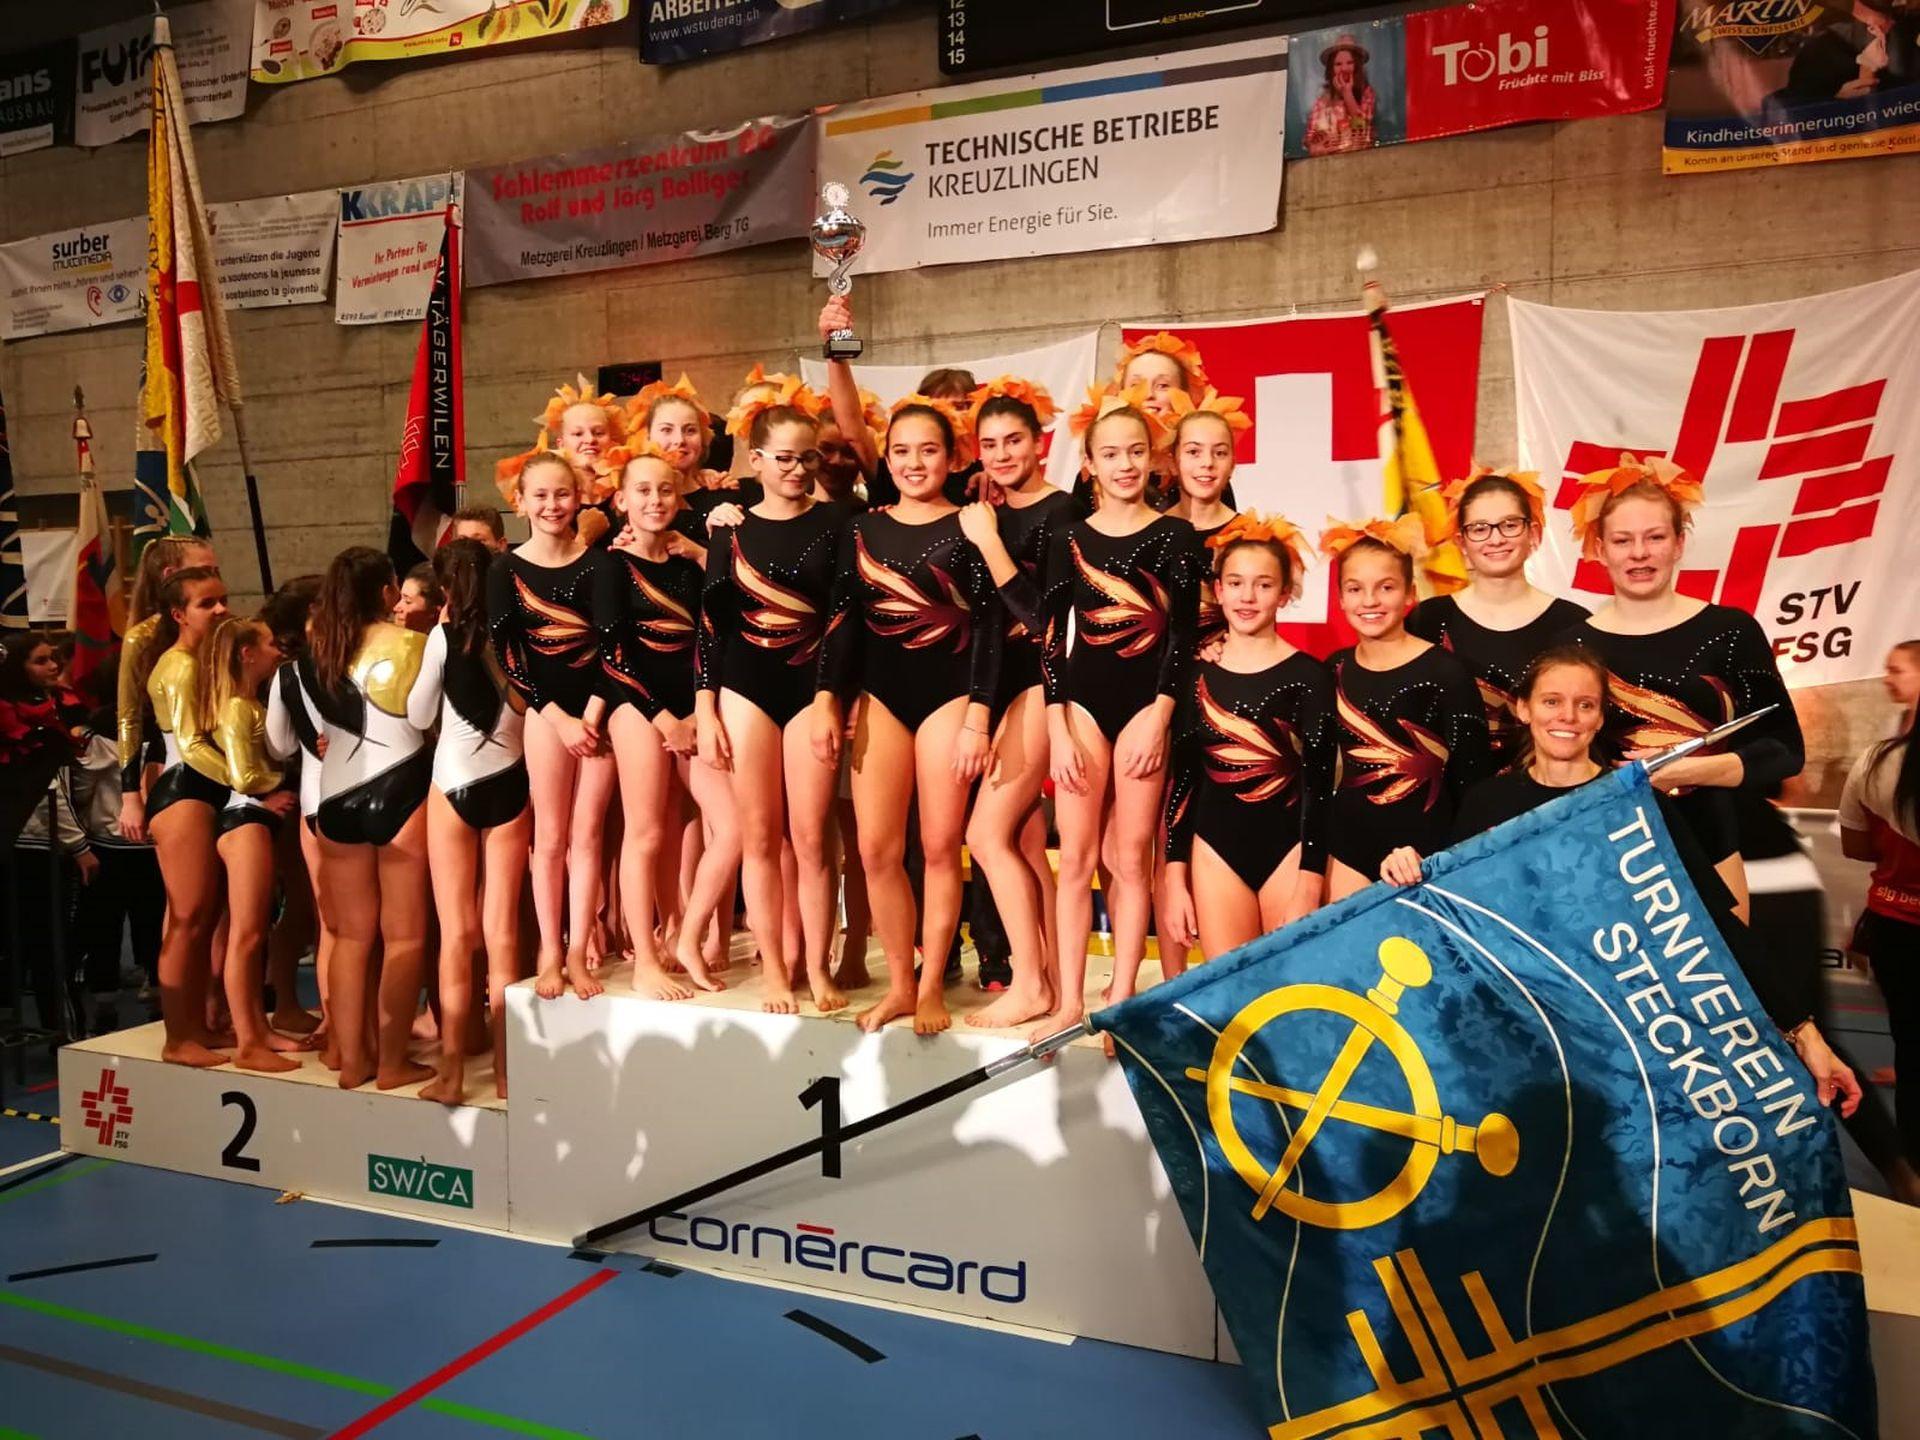 Der Schweizermeistertitel am Reck geht erneut nach Steckborn